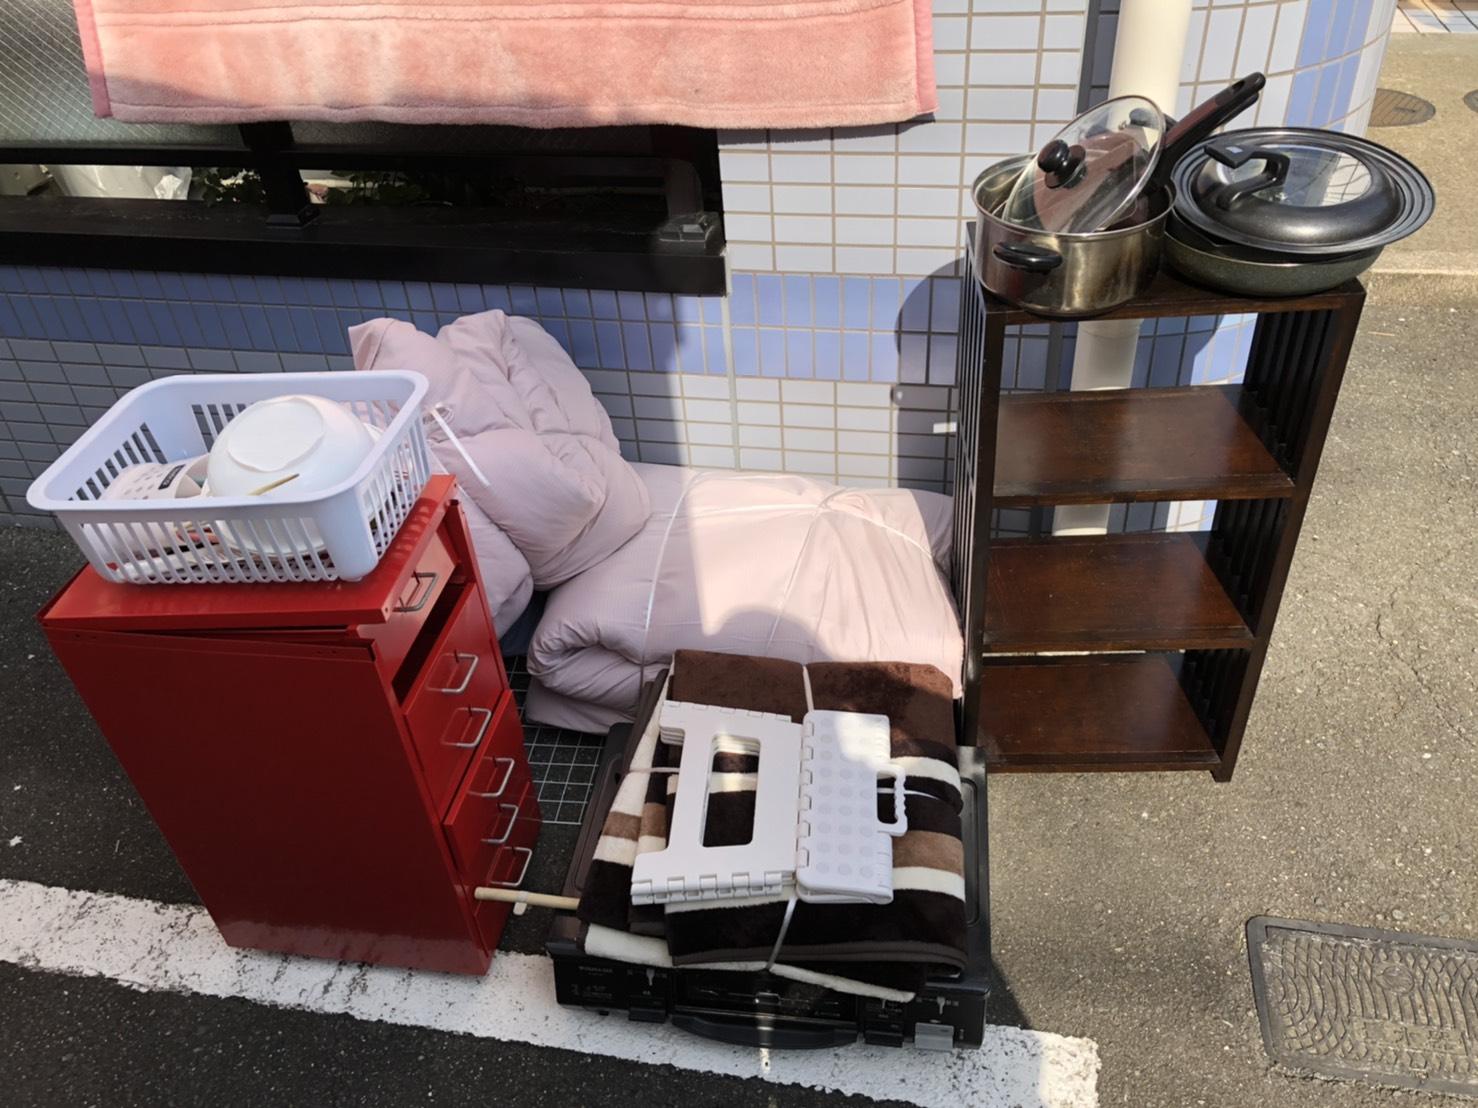 布団、収納棚、食器類の回収前